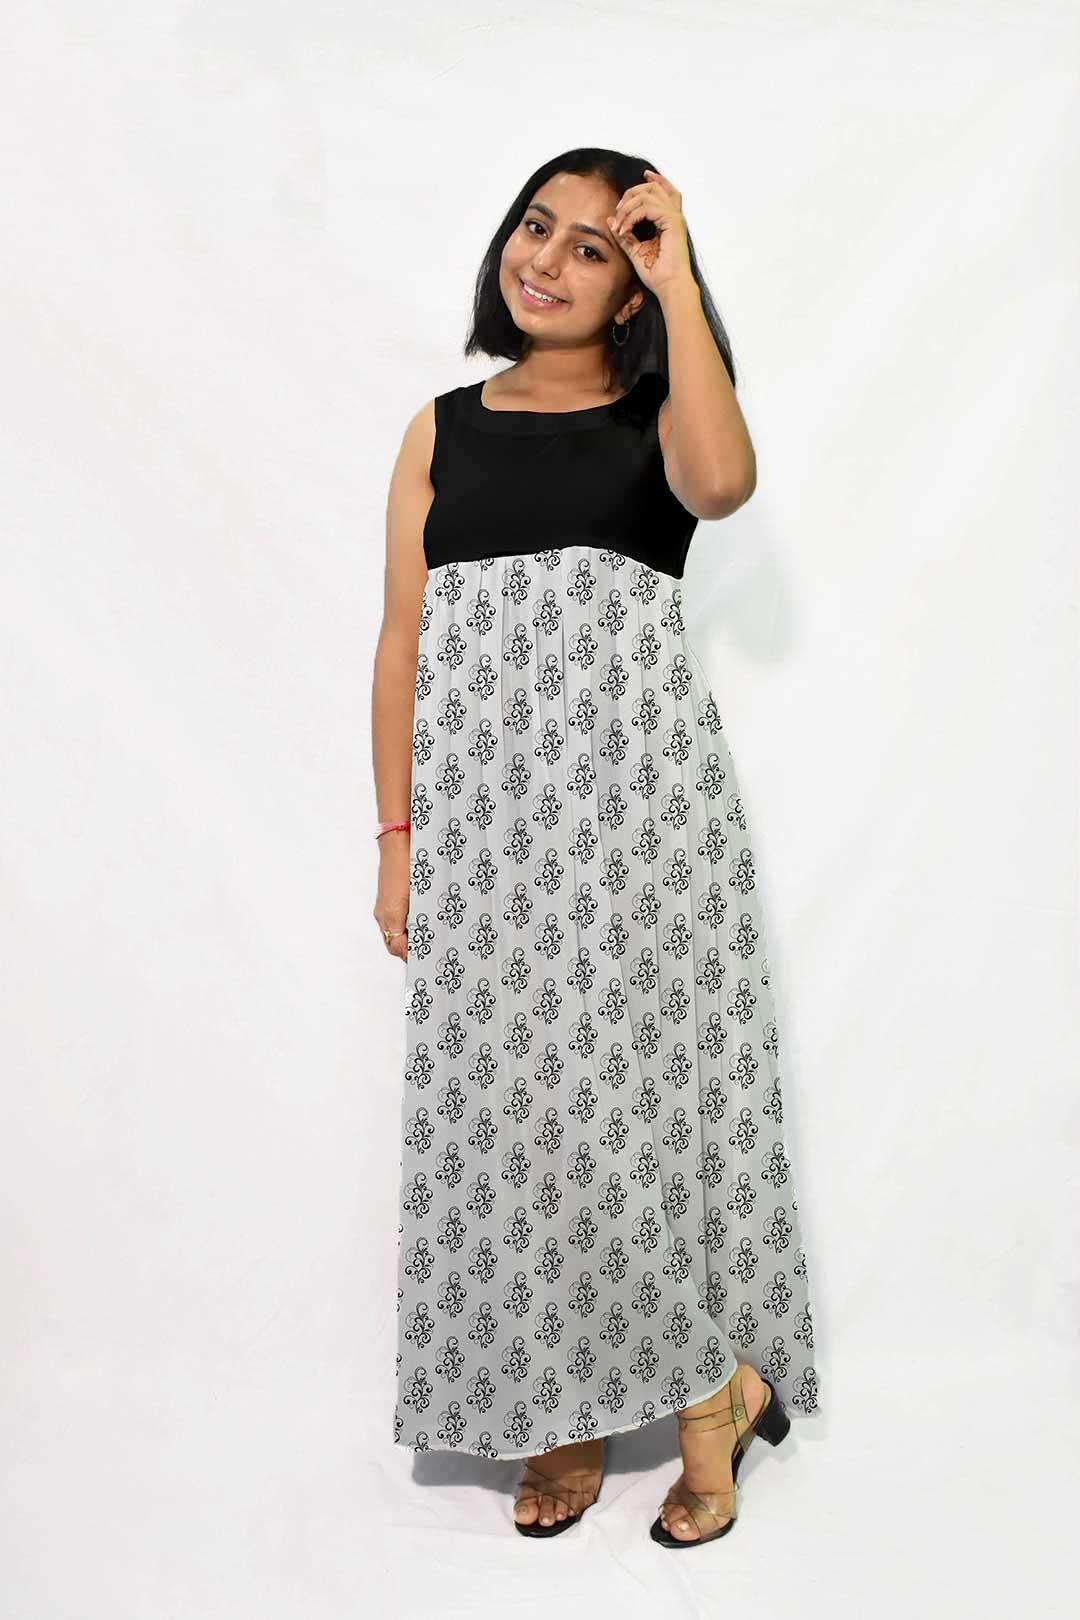 Georgette Maxi Dress – Classic